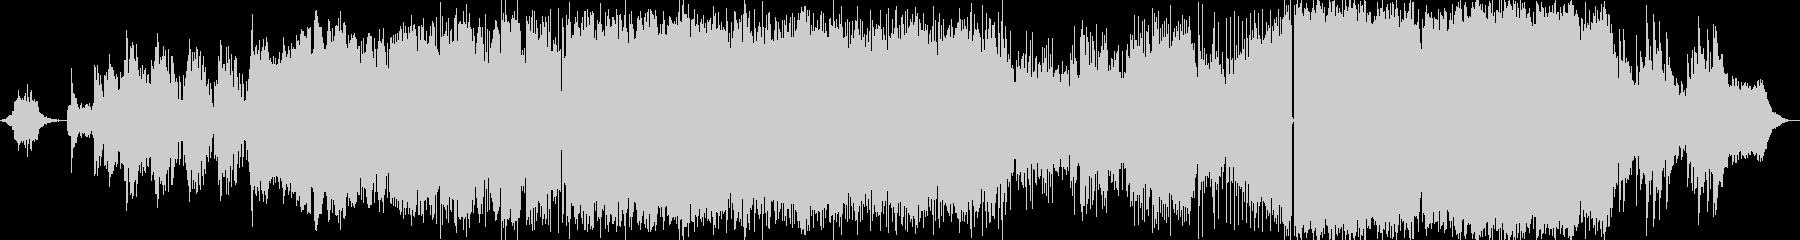 ネイチャーシリーズの楽曲の1つです。自…の未再生の波形